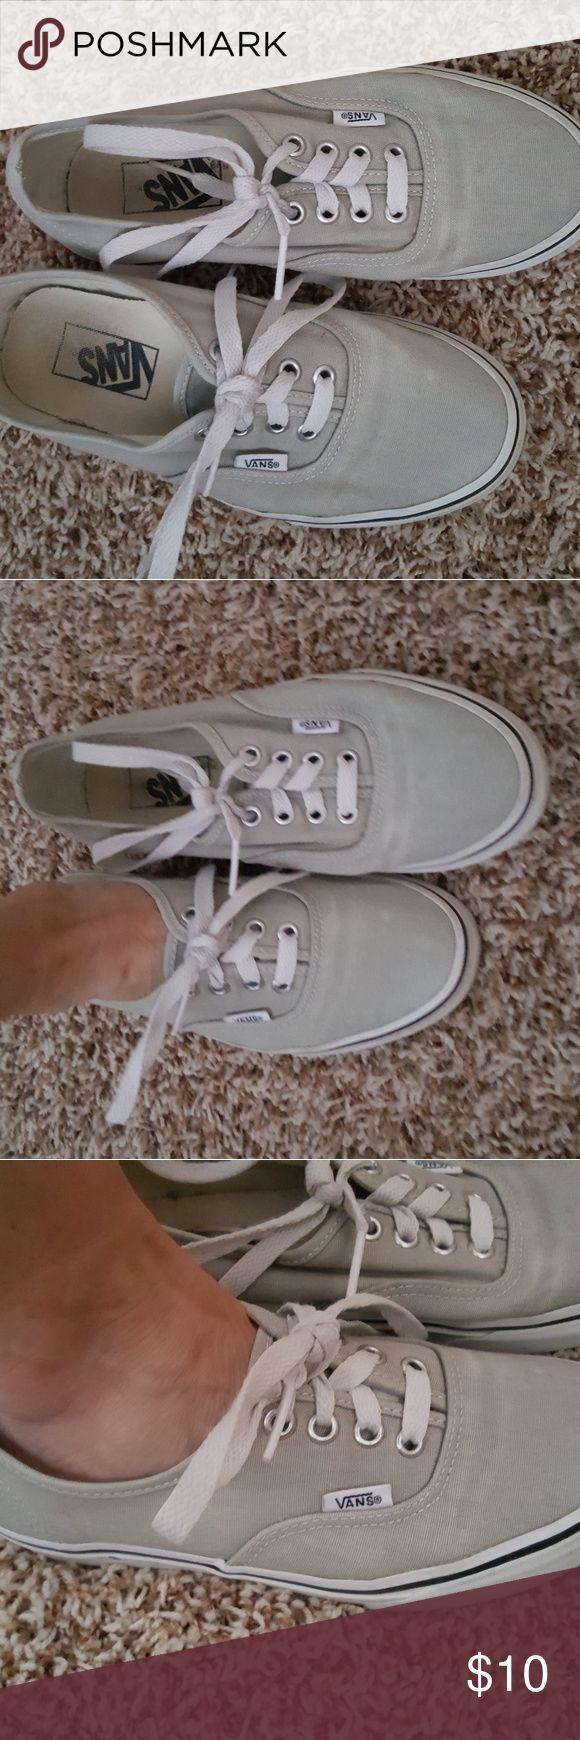 Vans tennis shoes Vans grey canvas shoes Vans Shoes Sneakers